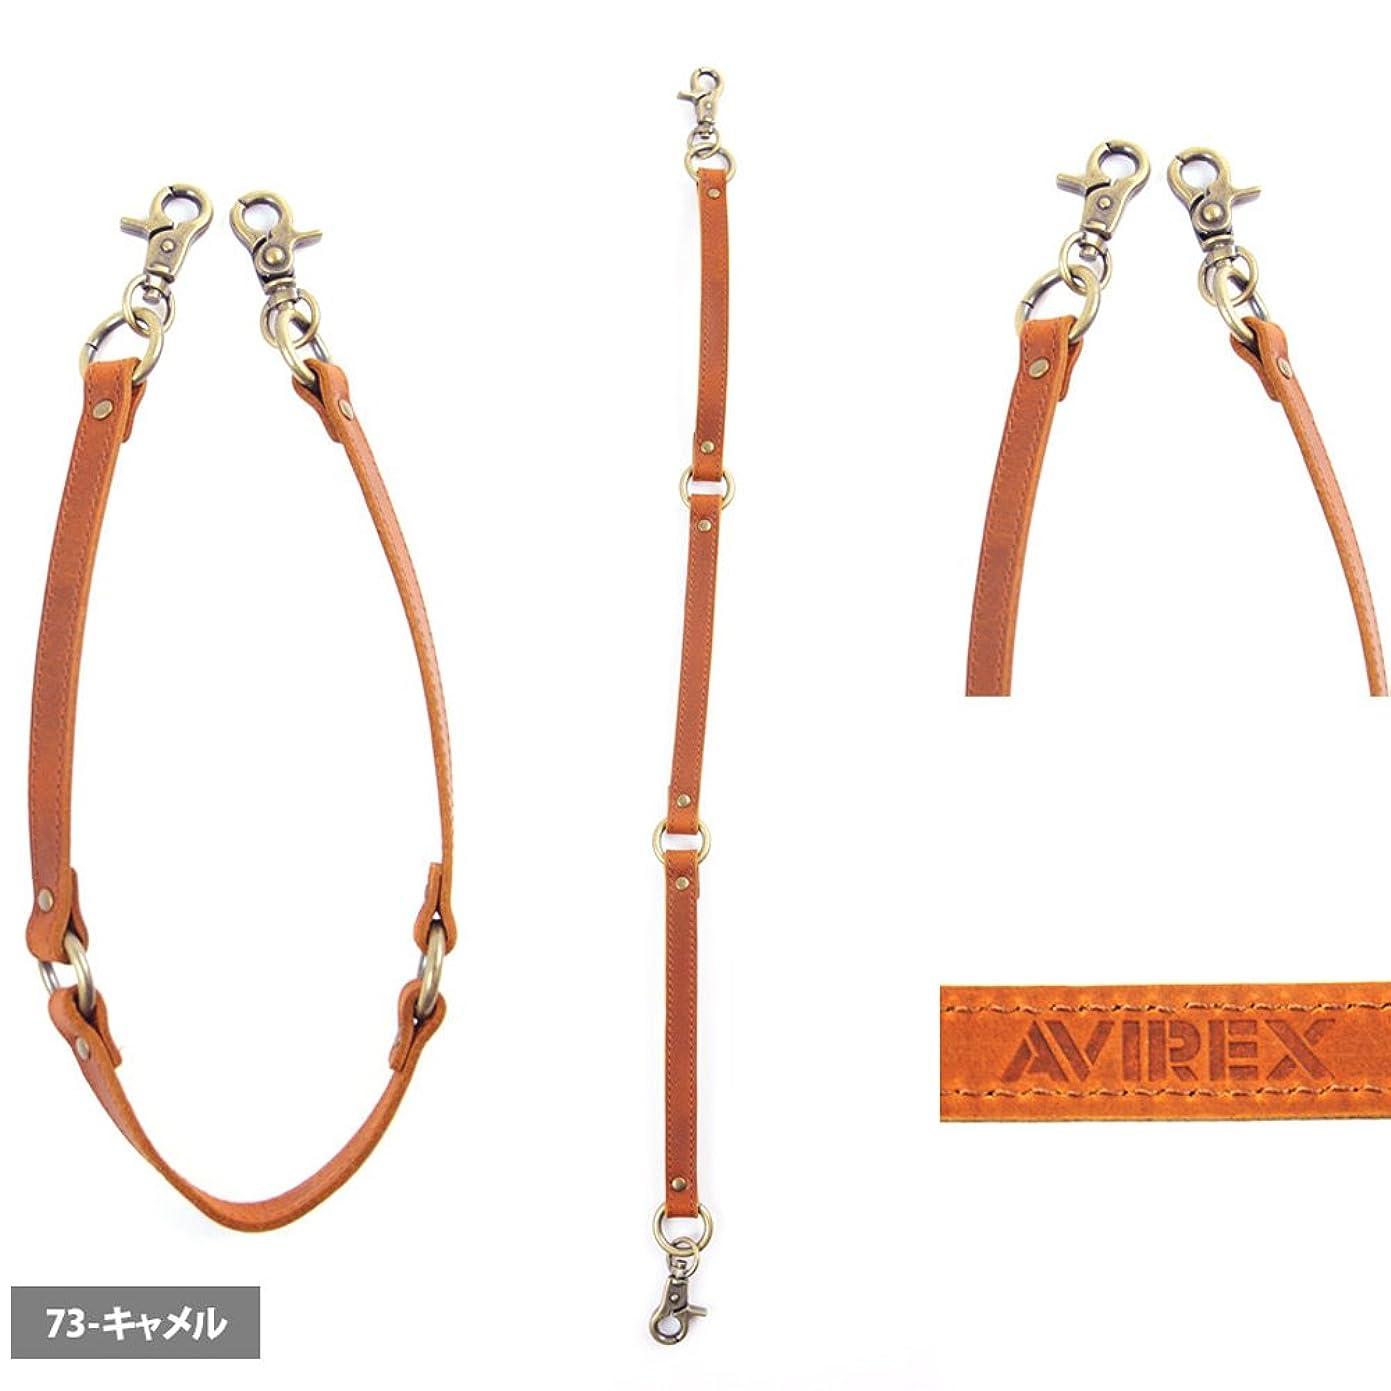 悪因子コーチ悲劇アビレックス AVIREX アクセサリー スリフト ウォレットコード AVX1701